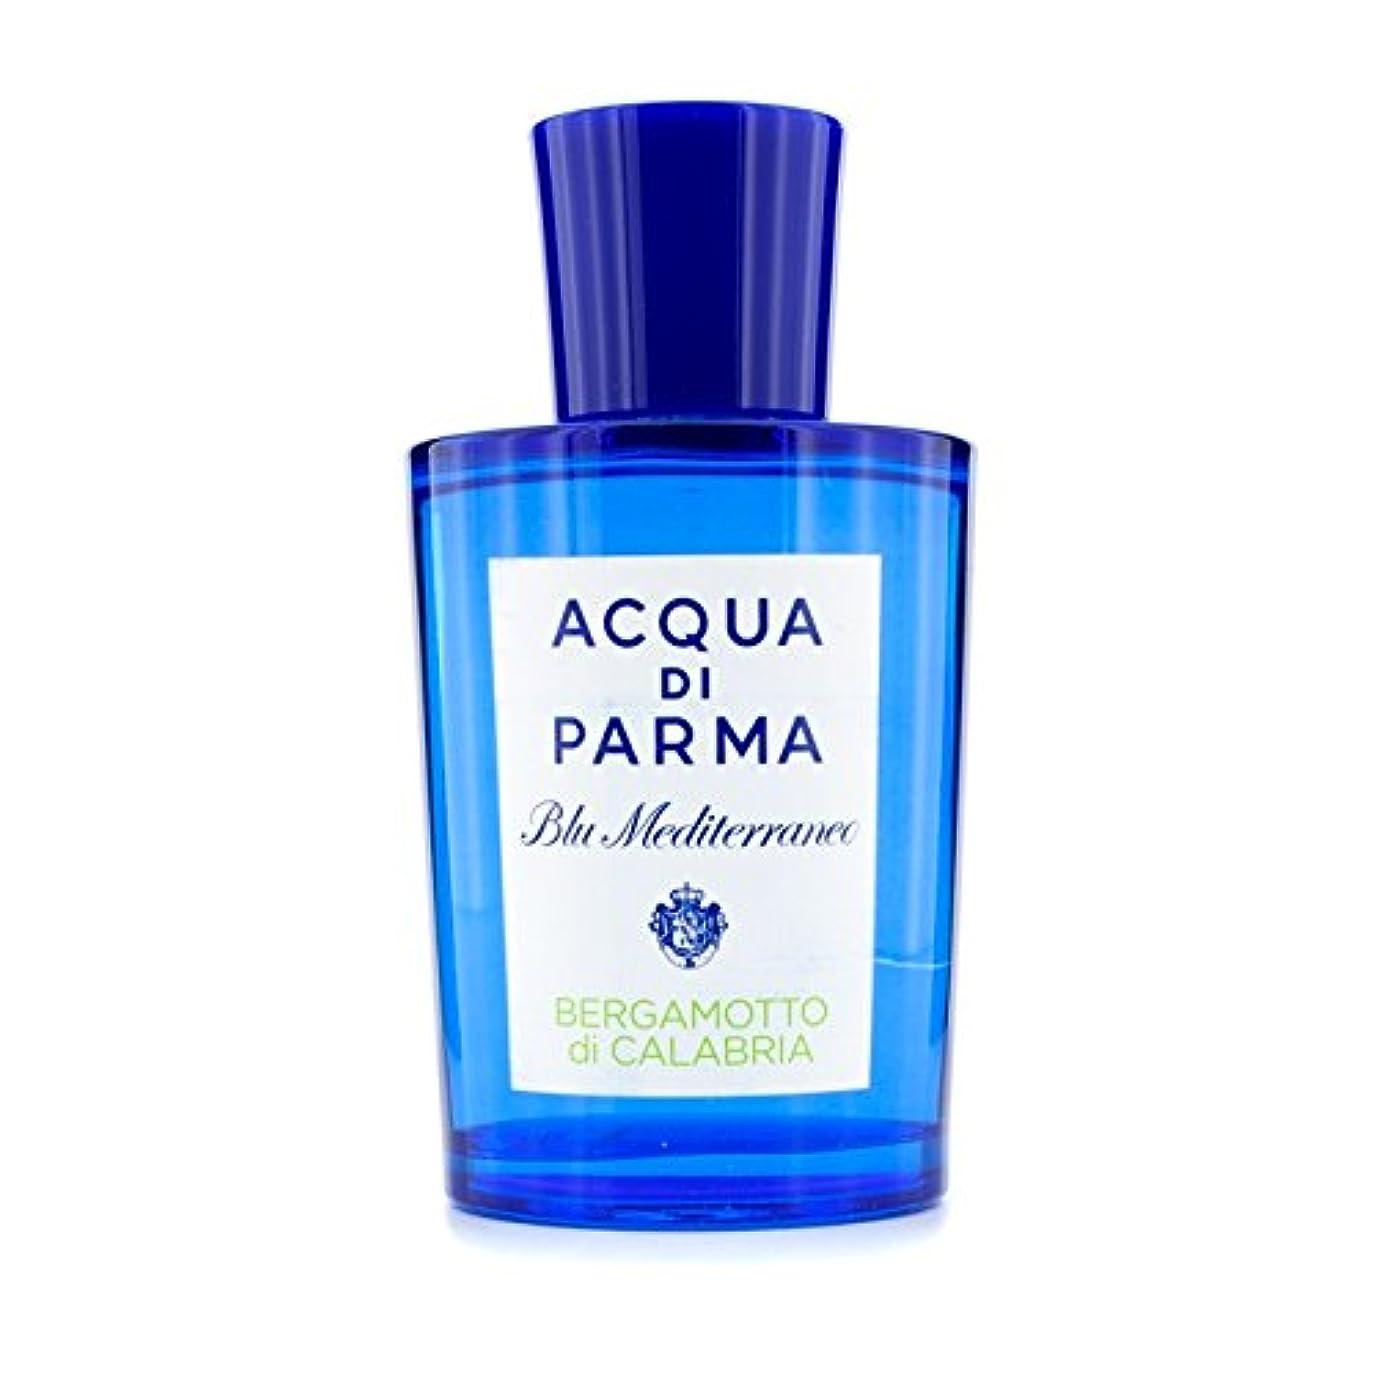 ながら流暢色アクアディパルマ ブルーメディテラニオ ベルガモット ディ カラブリア EDT SP 150ml/5oz並行輸入品